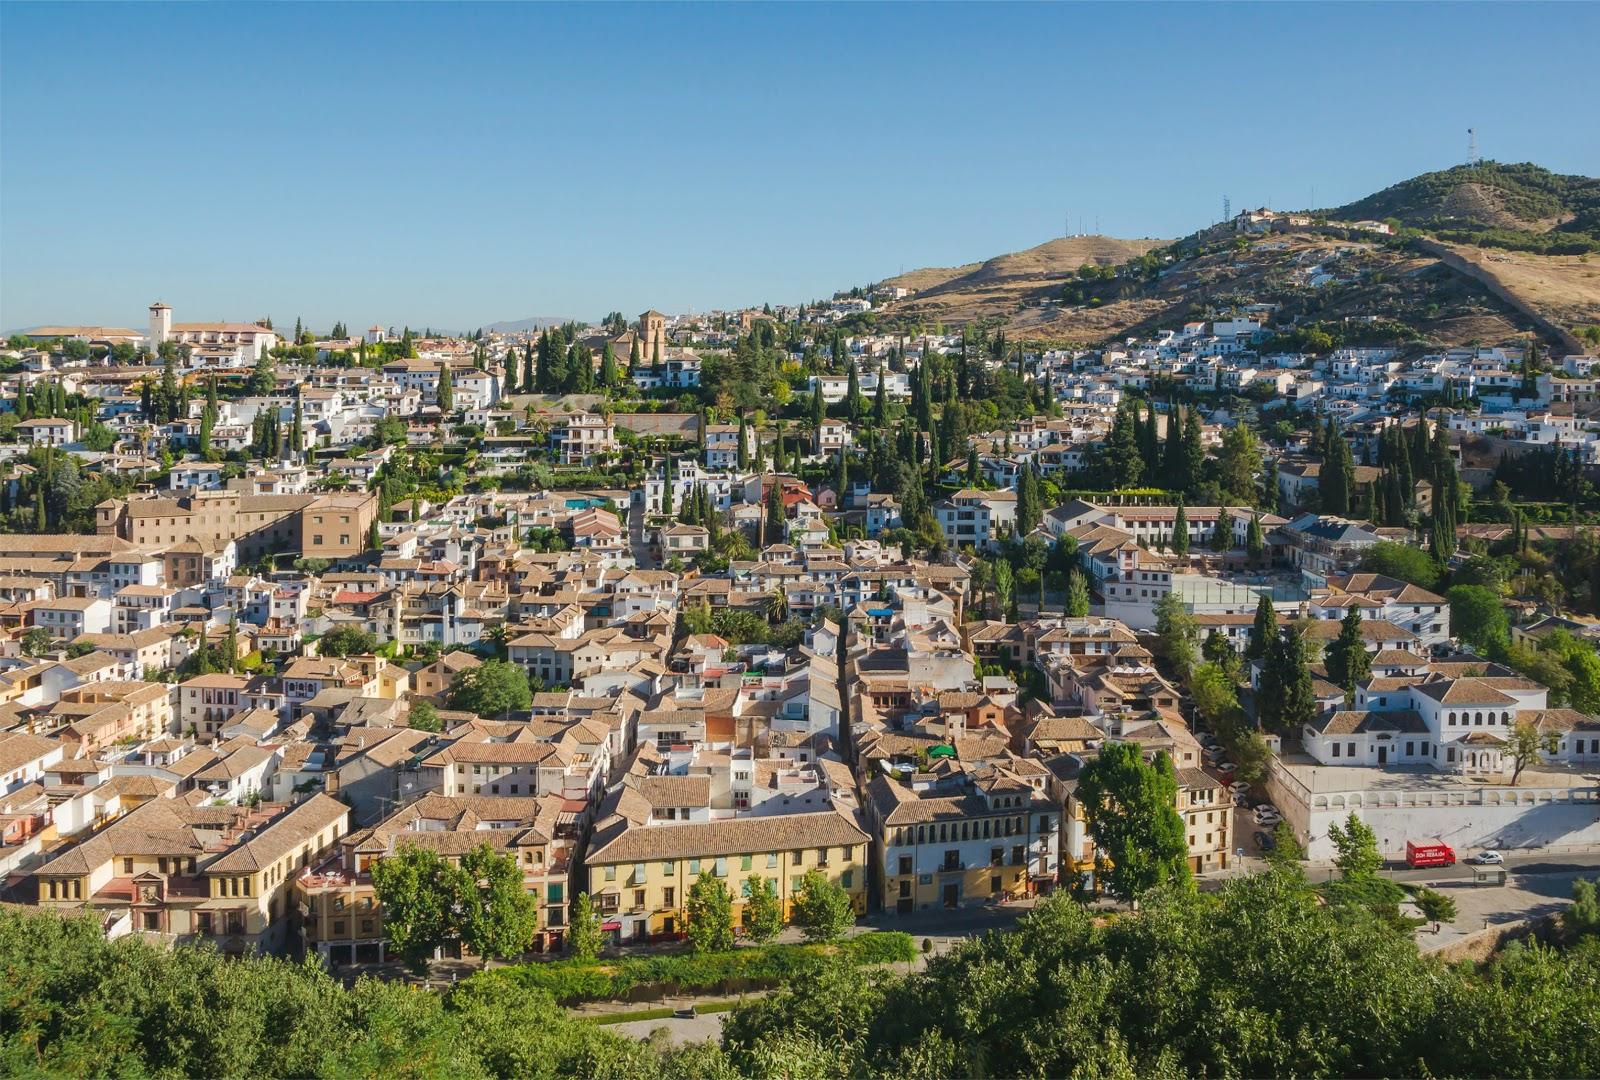 El barrio de Albaicín en el corazón histórico de Granada